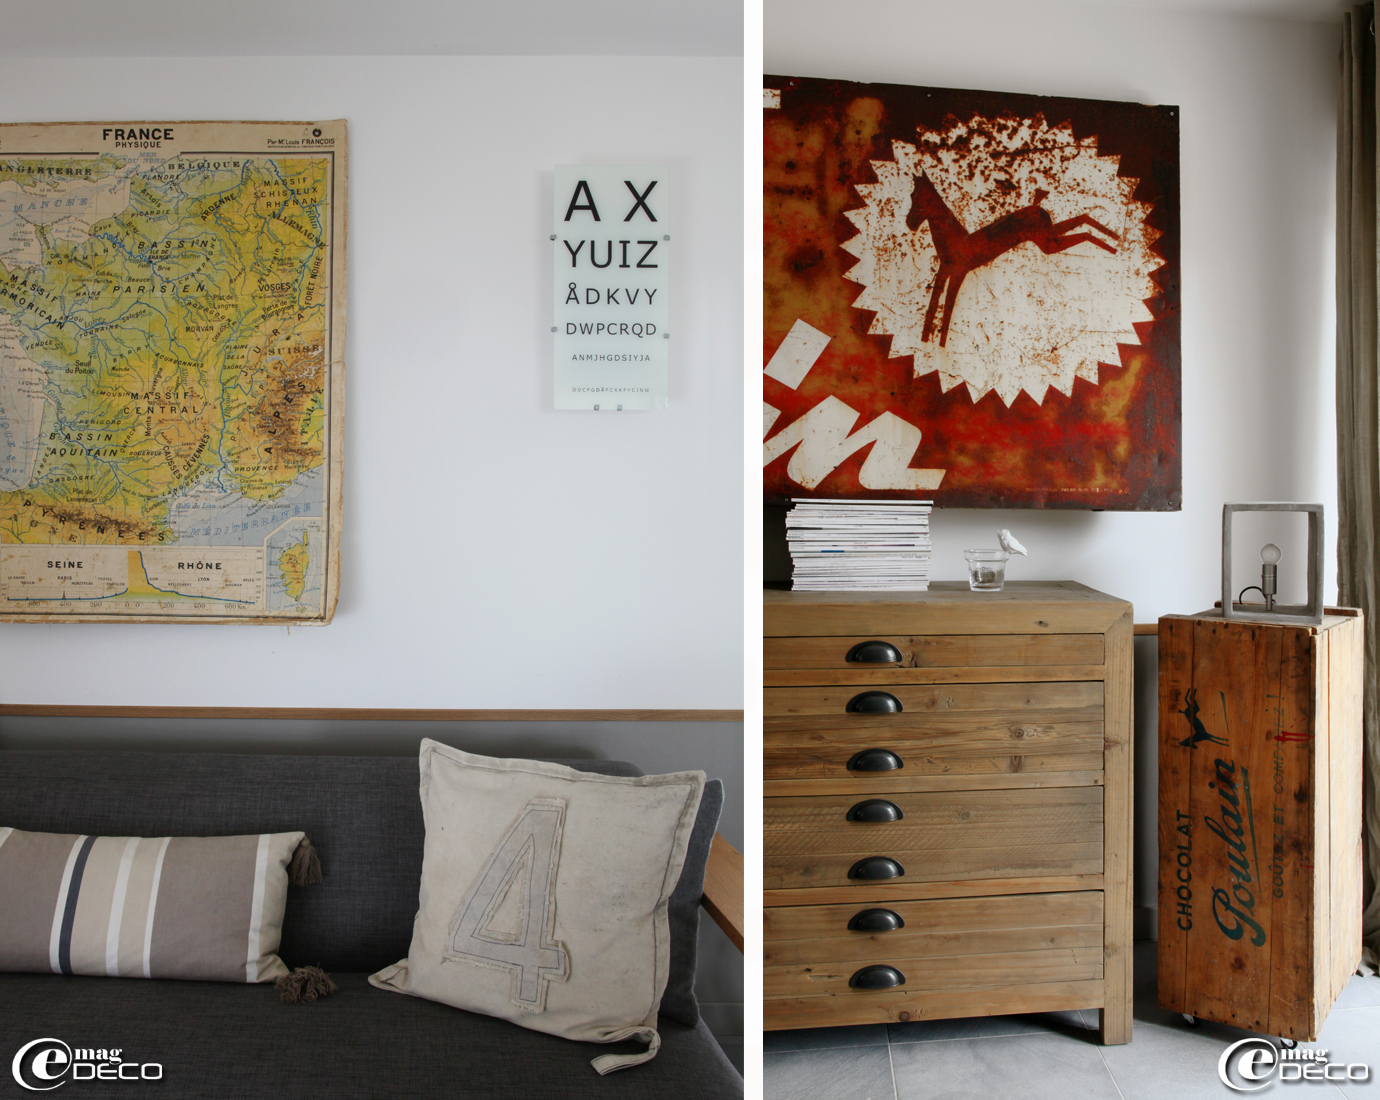 » House ~ Décoration Martin E MagdecoMagazine De Aqc34Rj5L